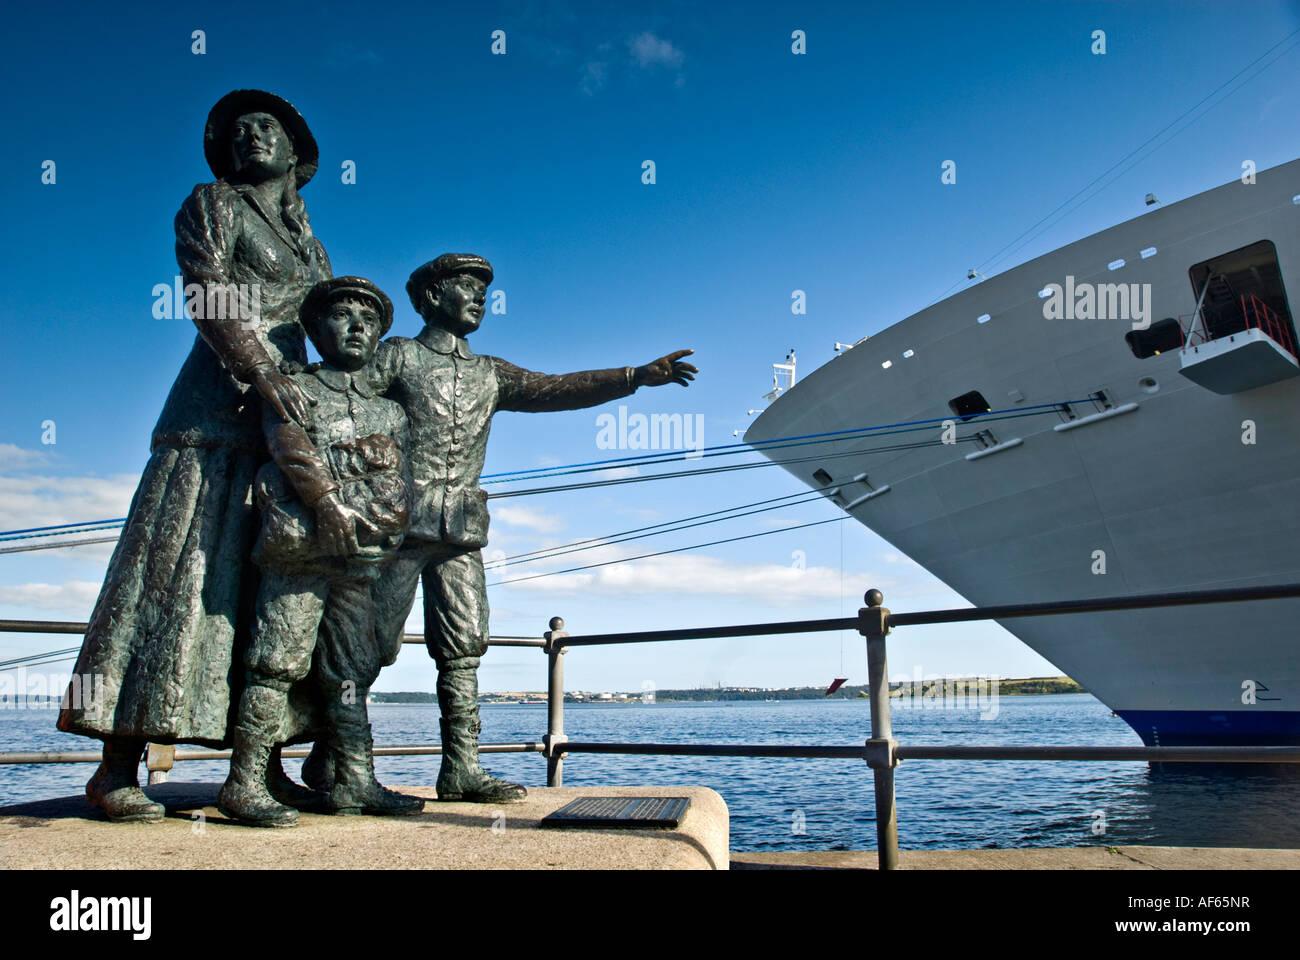 La statue d'Annie Moore sculptée par Jeanne Rynhart à Cove ( Cobh ) port en République d'Irlande. Banque D'Images